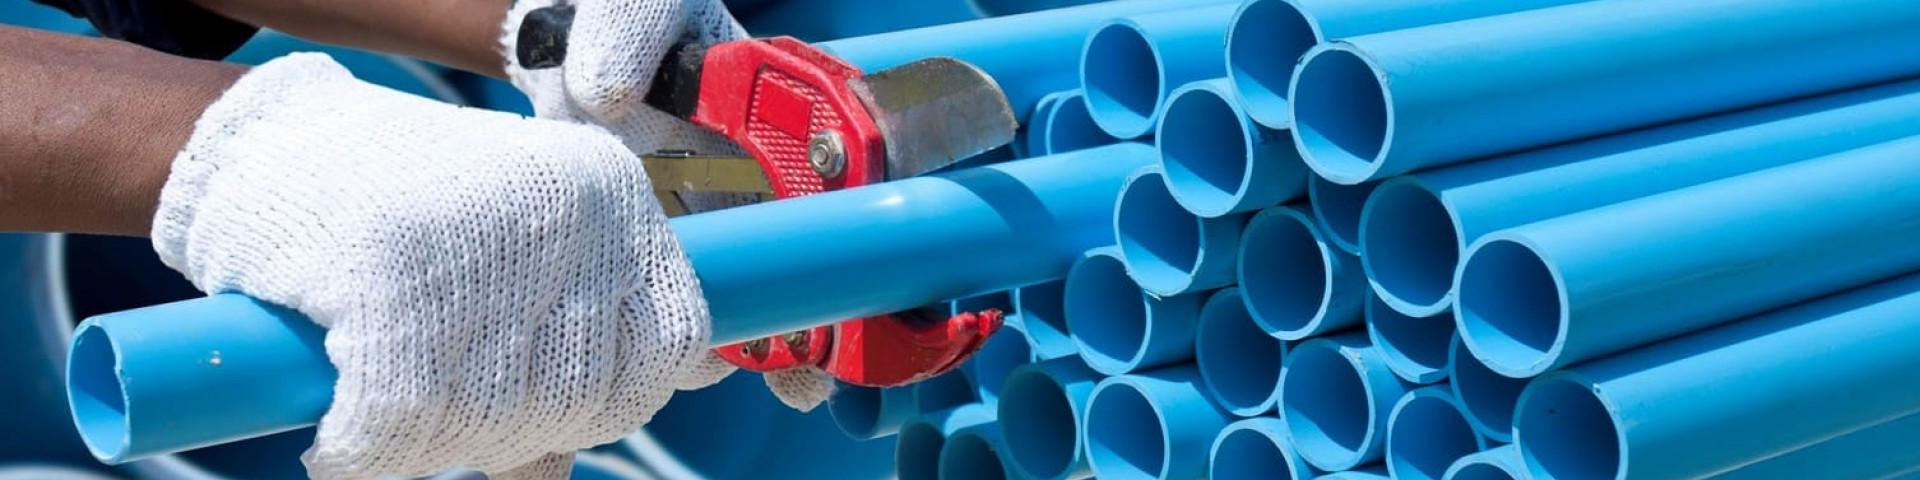 Всегда качественно и доступно: рейтинг лучших производителей полипропиленовых труб 2020— 2021 гг